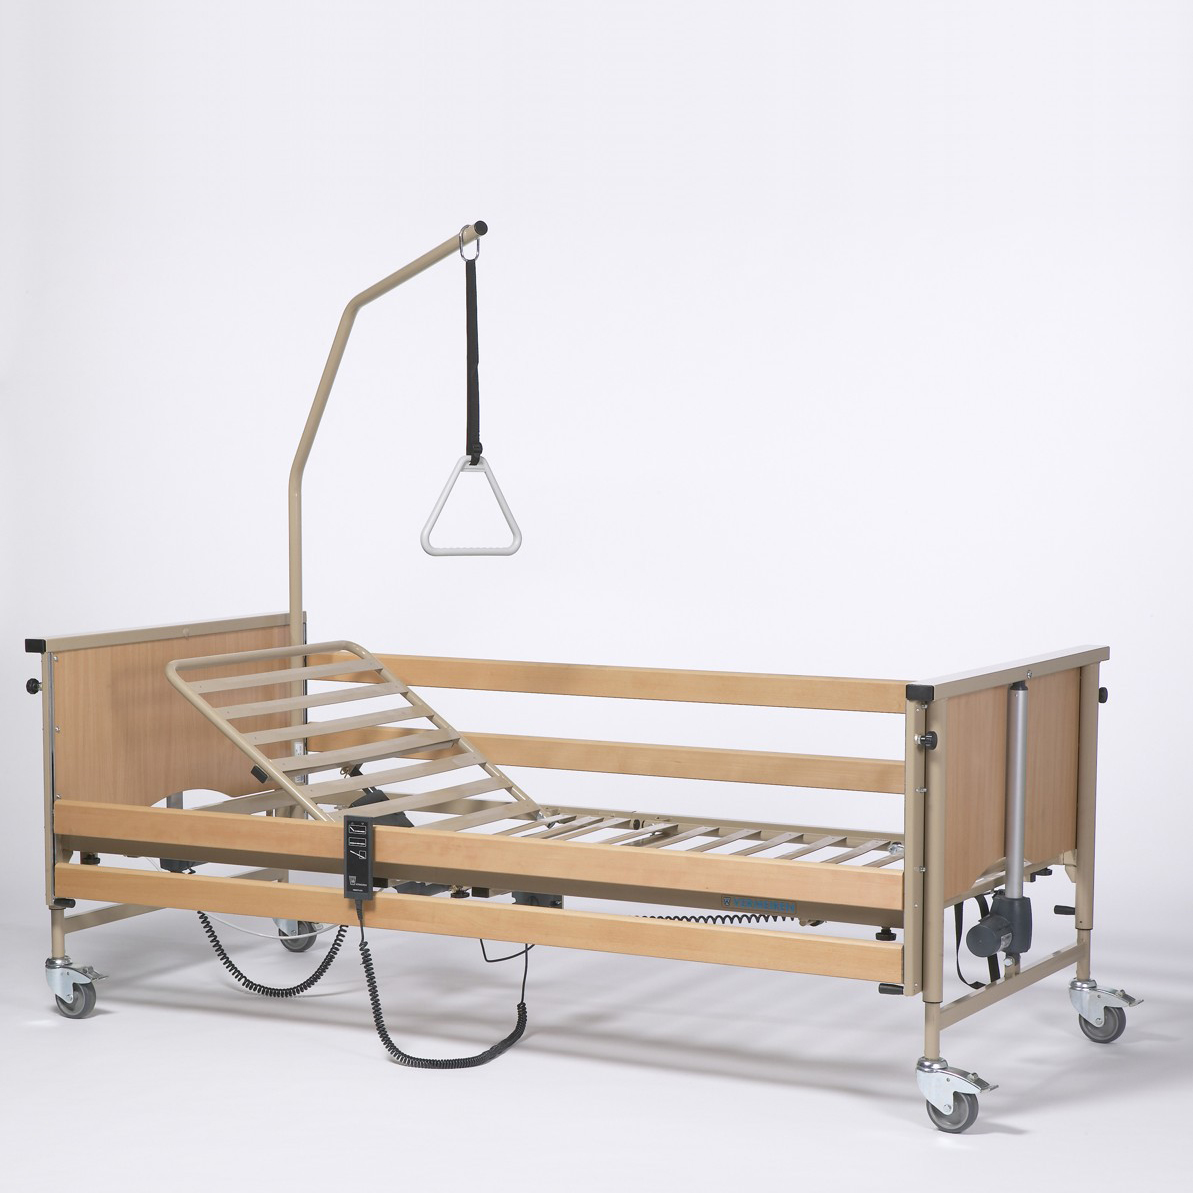 Кровать для лежачих больных функциональная 4-х секционная электрическая Vermeiren LUNA Basic (в комплекте с матрасом)